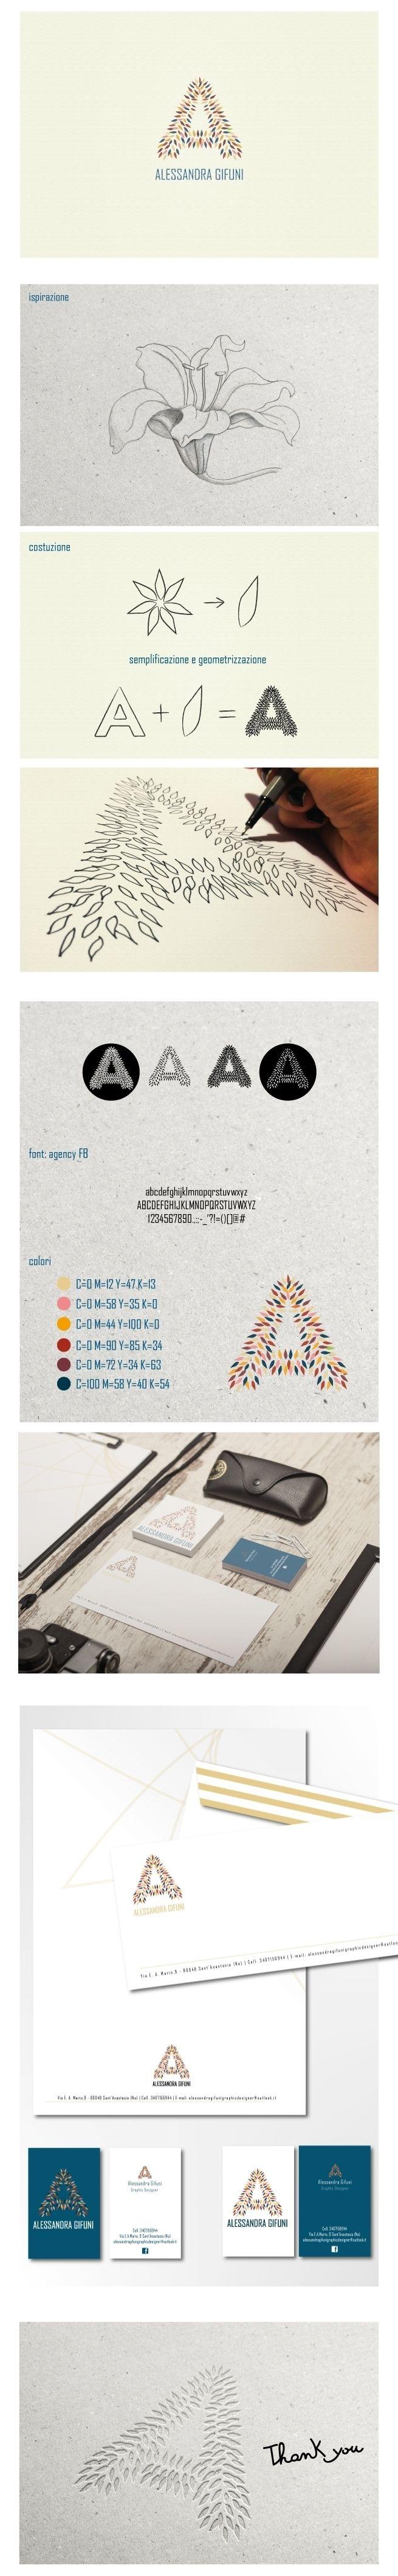 Portfolio Corsi Ilas - Alessandra Gifuni, Docente progettazione: Alessandro Leone, Docente software: Rosario Mancini, Categoria: Graphic Design - © ilas 2015